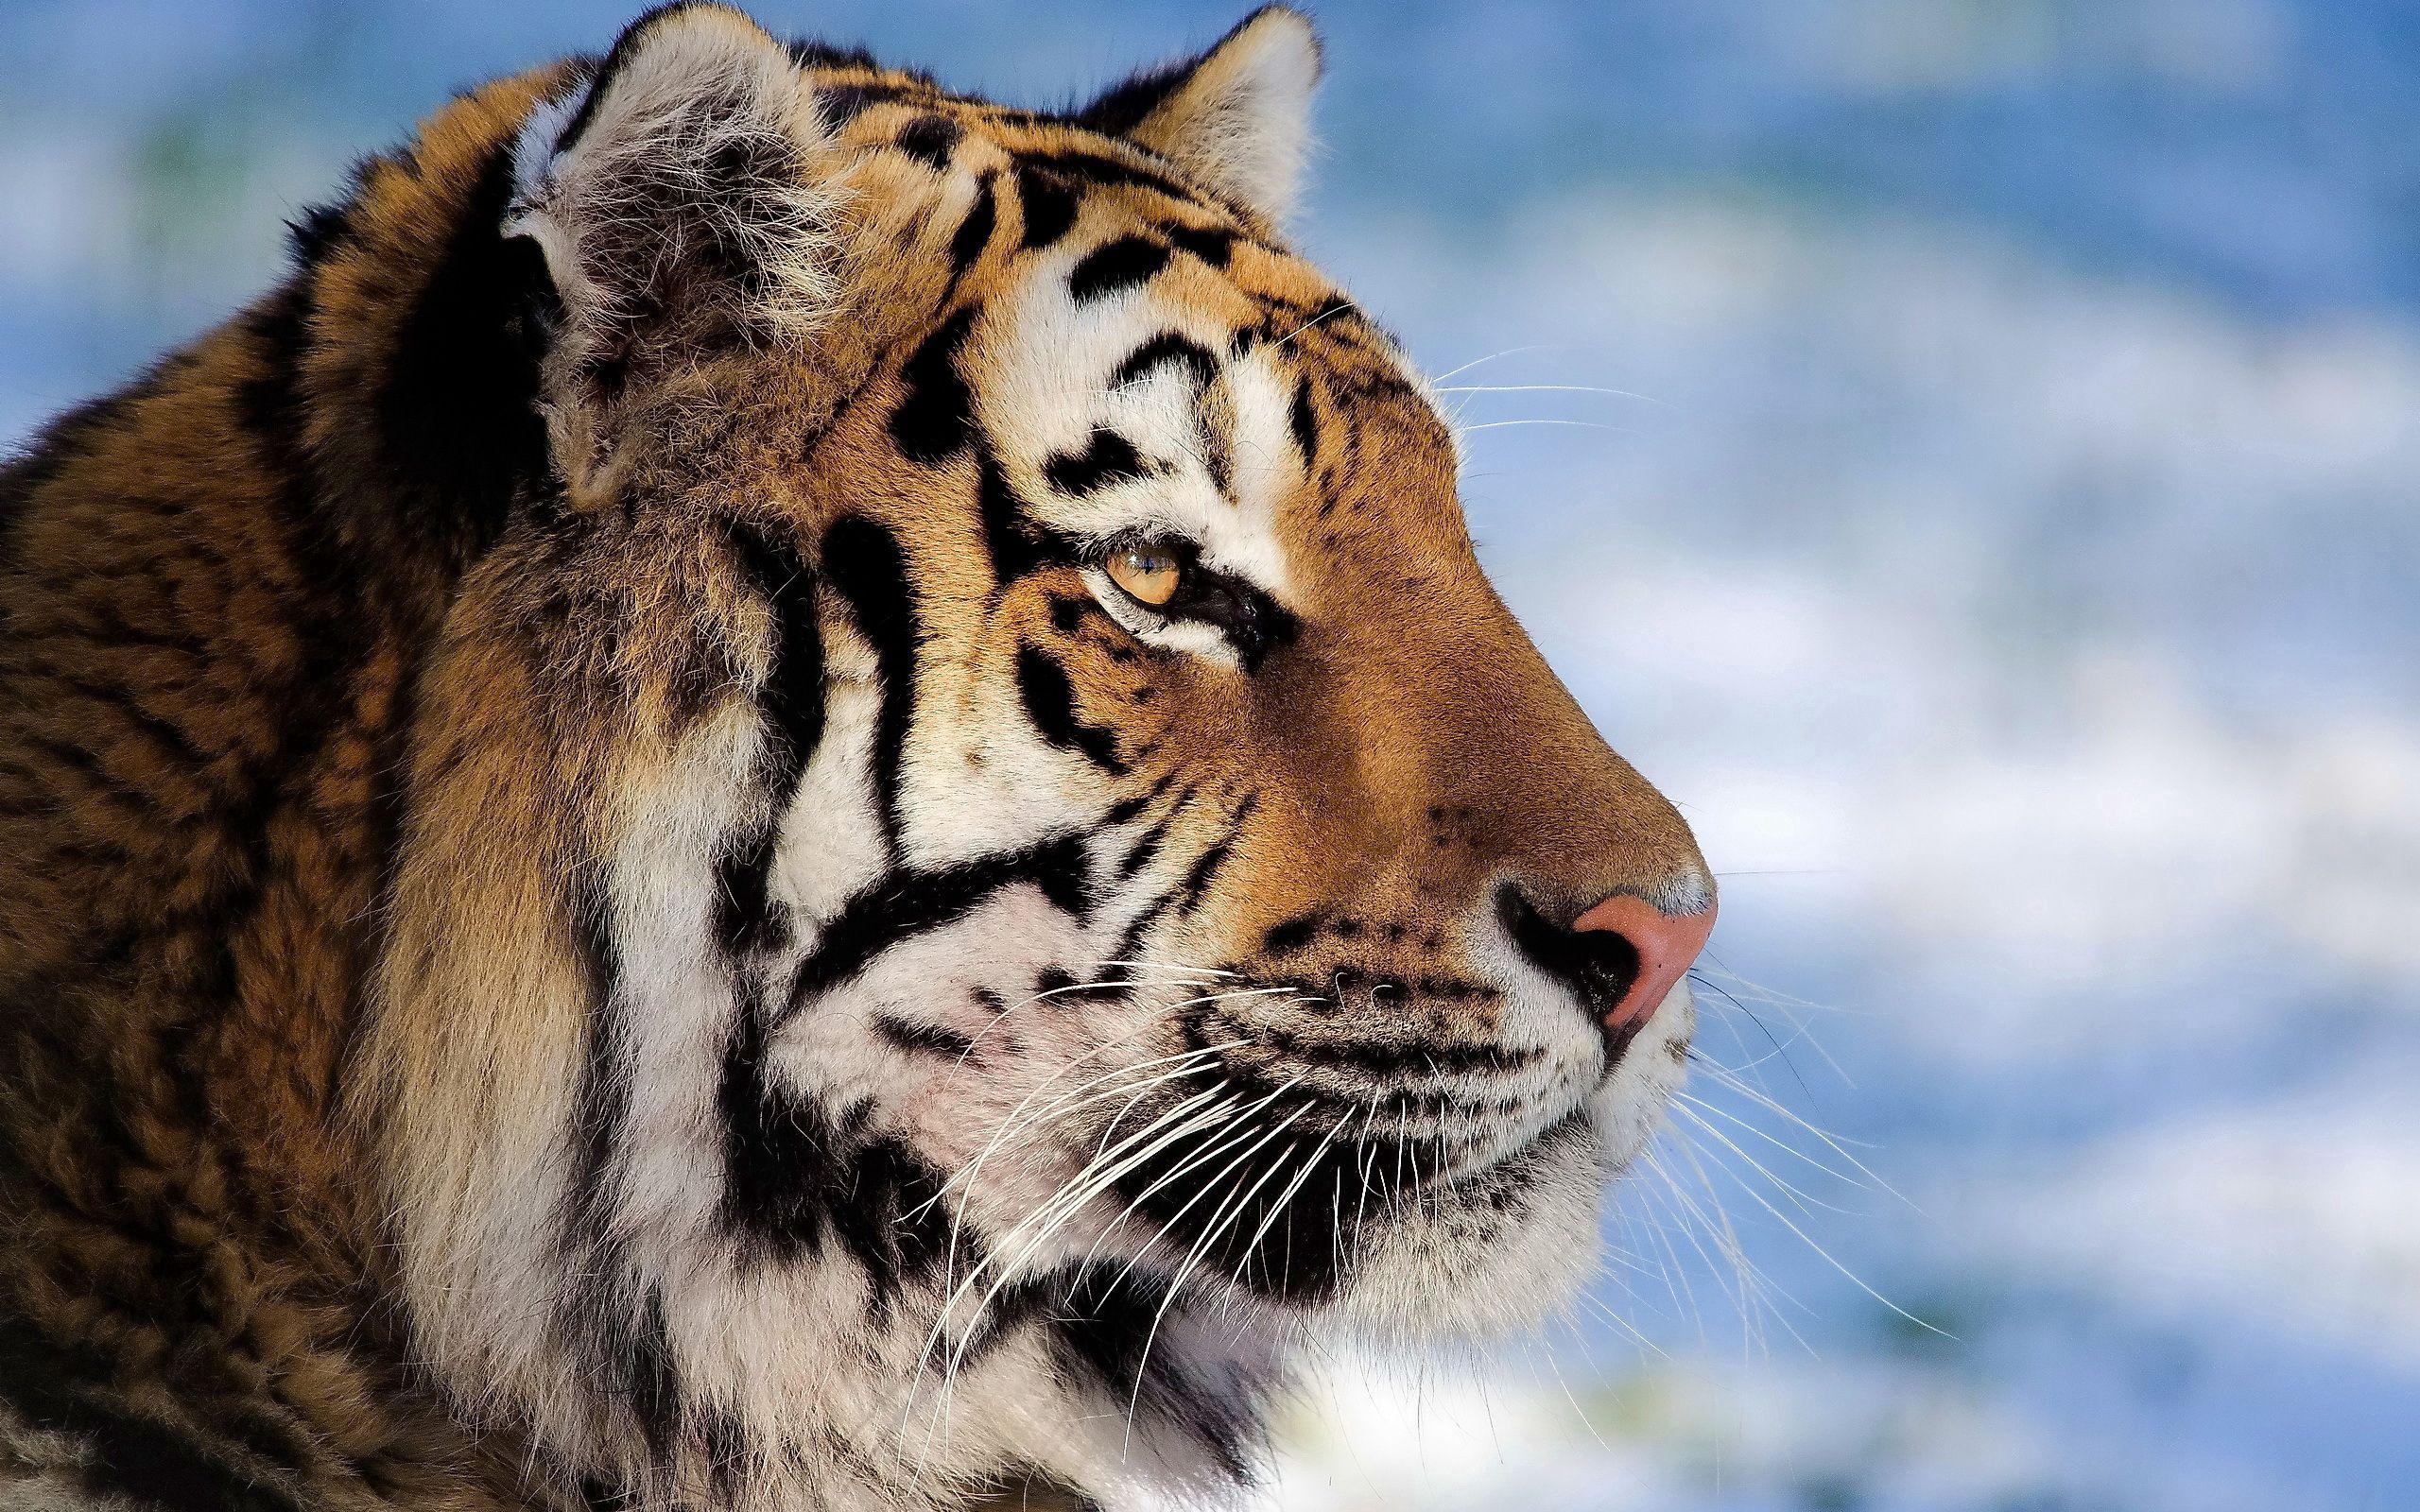 142045 скачать обои Животные, Тигр, Морда, Профиль - заставки и картинки бесплатно